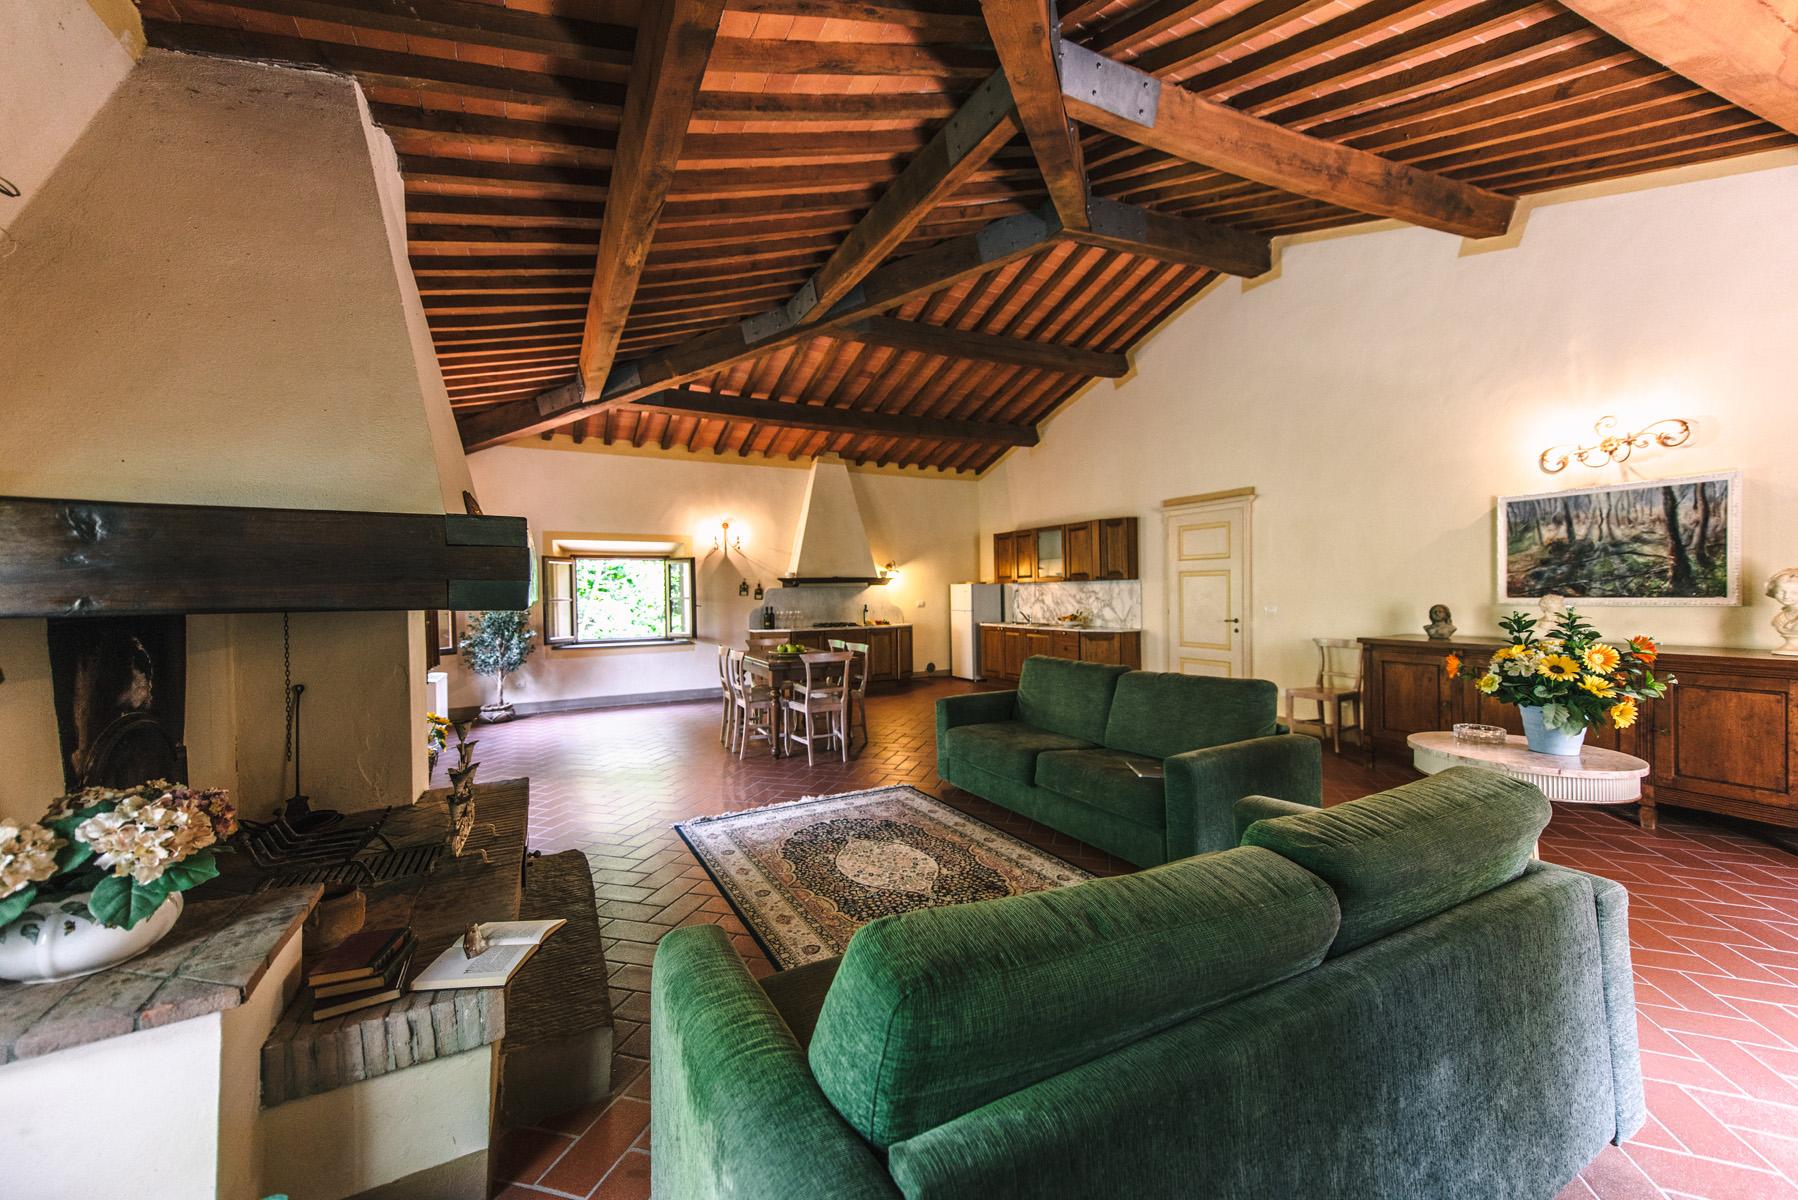 tuscania6